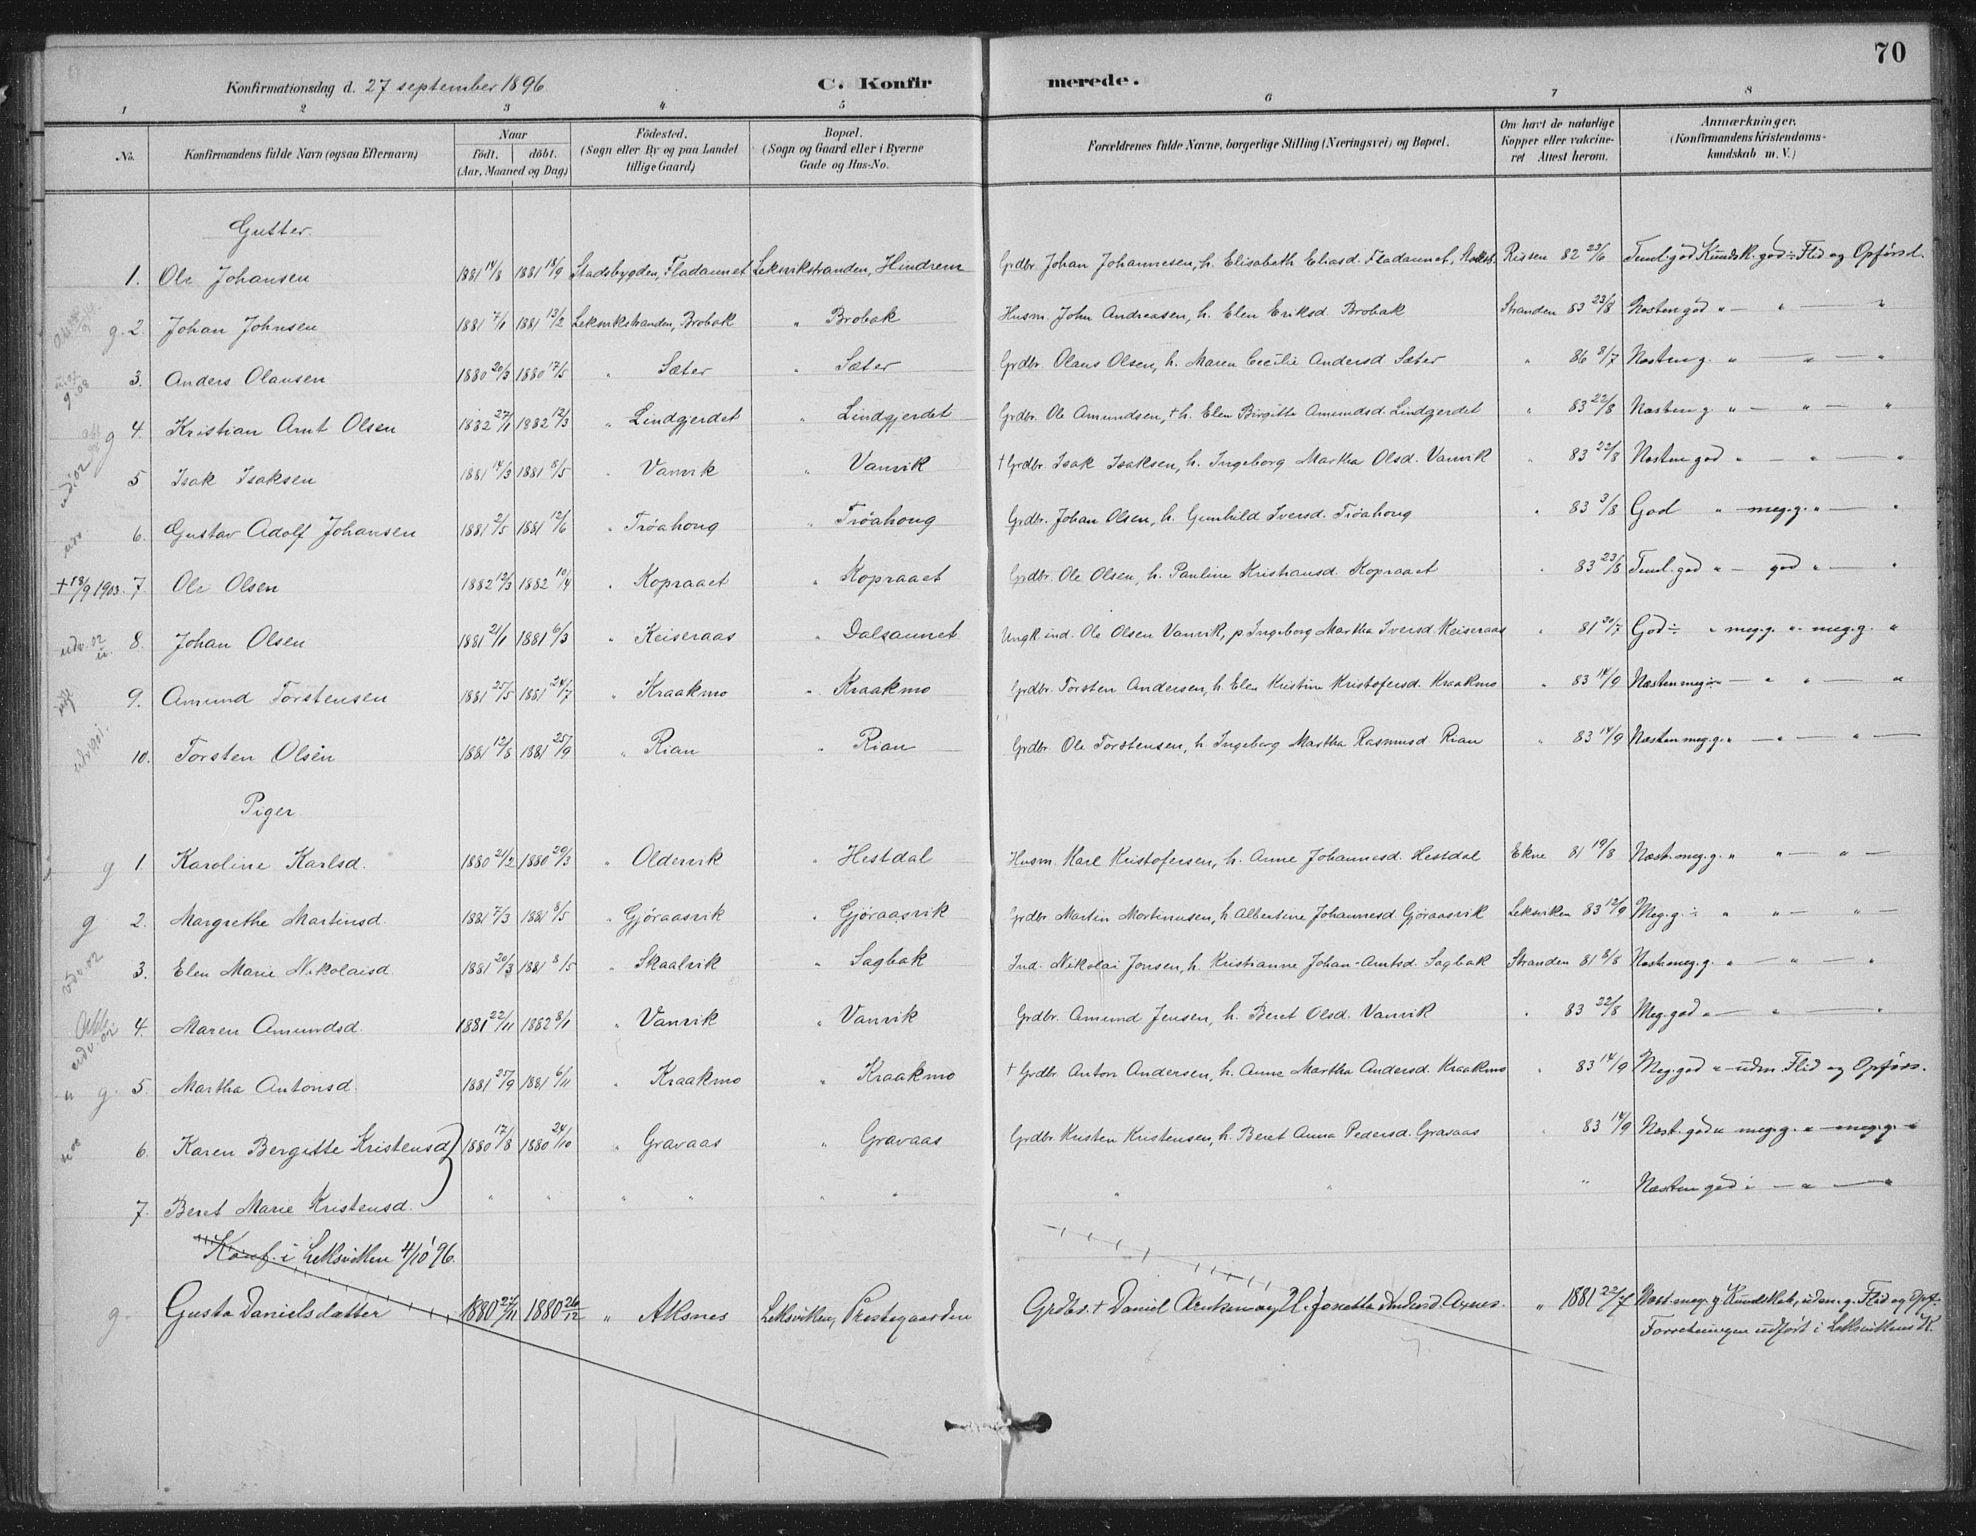 SAT, Ministerialprotokoller, klokkerbøker og fødselsregistre - Nord-Trøndelag, 702/L0023: Ministerialbok nr. 702A01, 1883-1897, s. 70